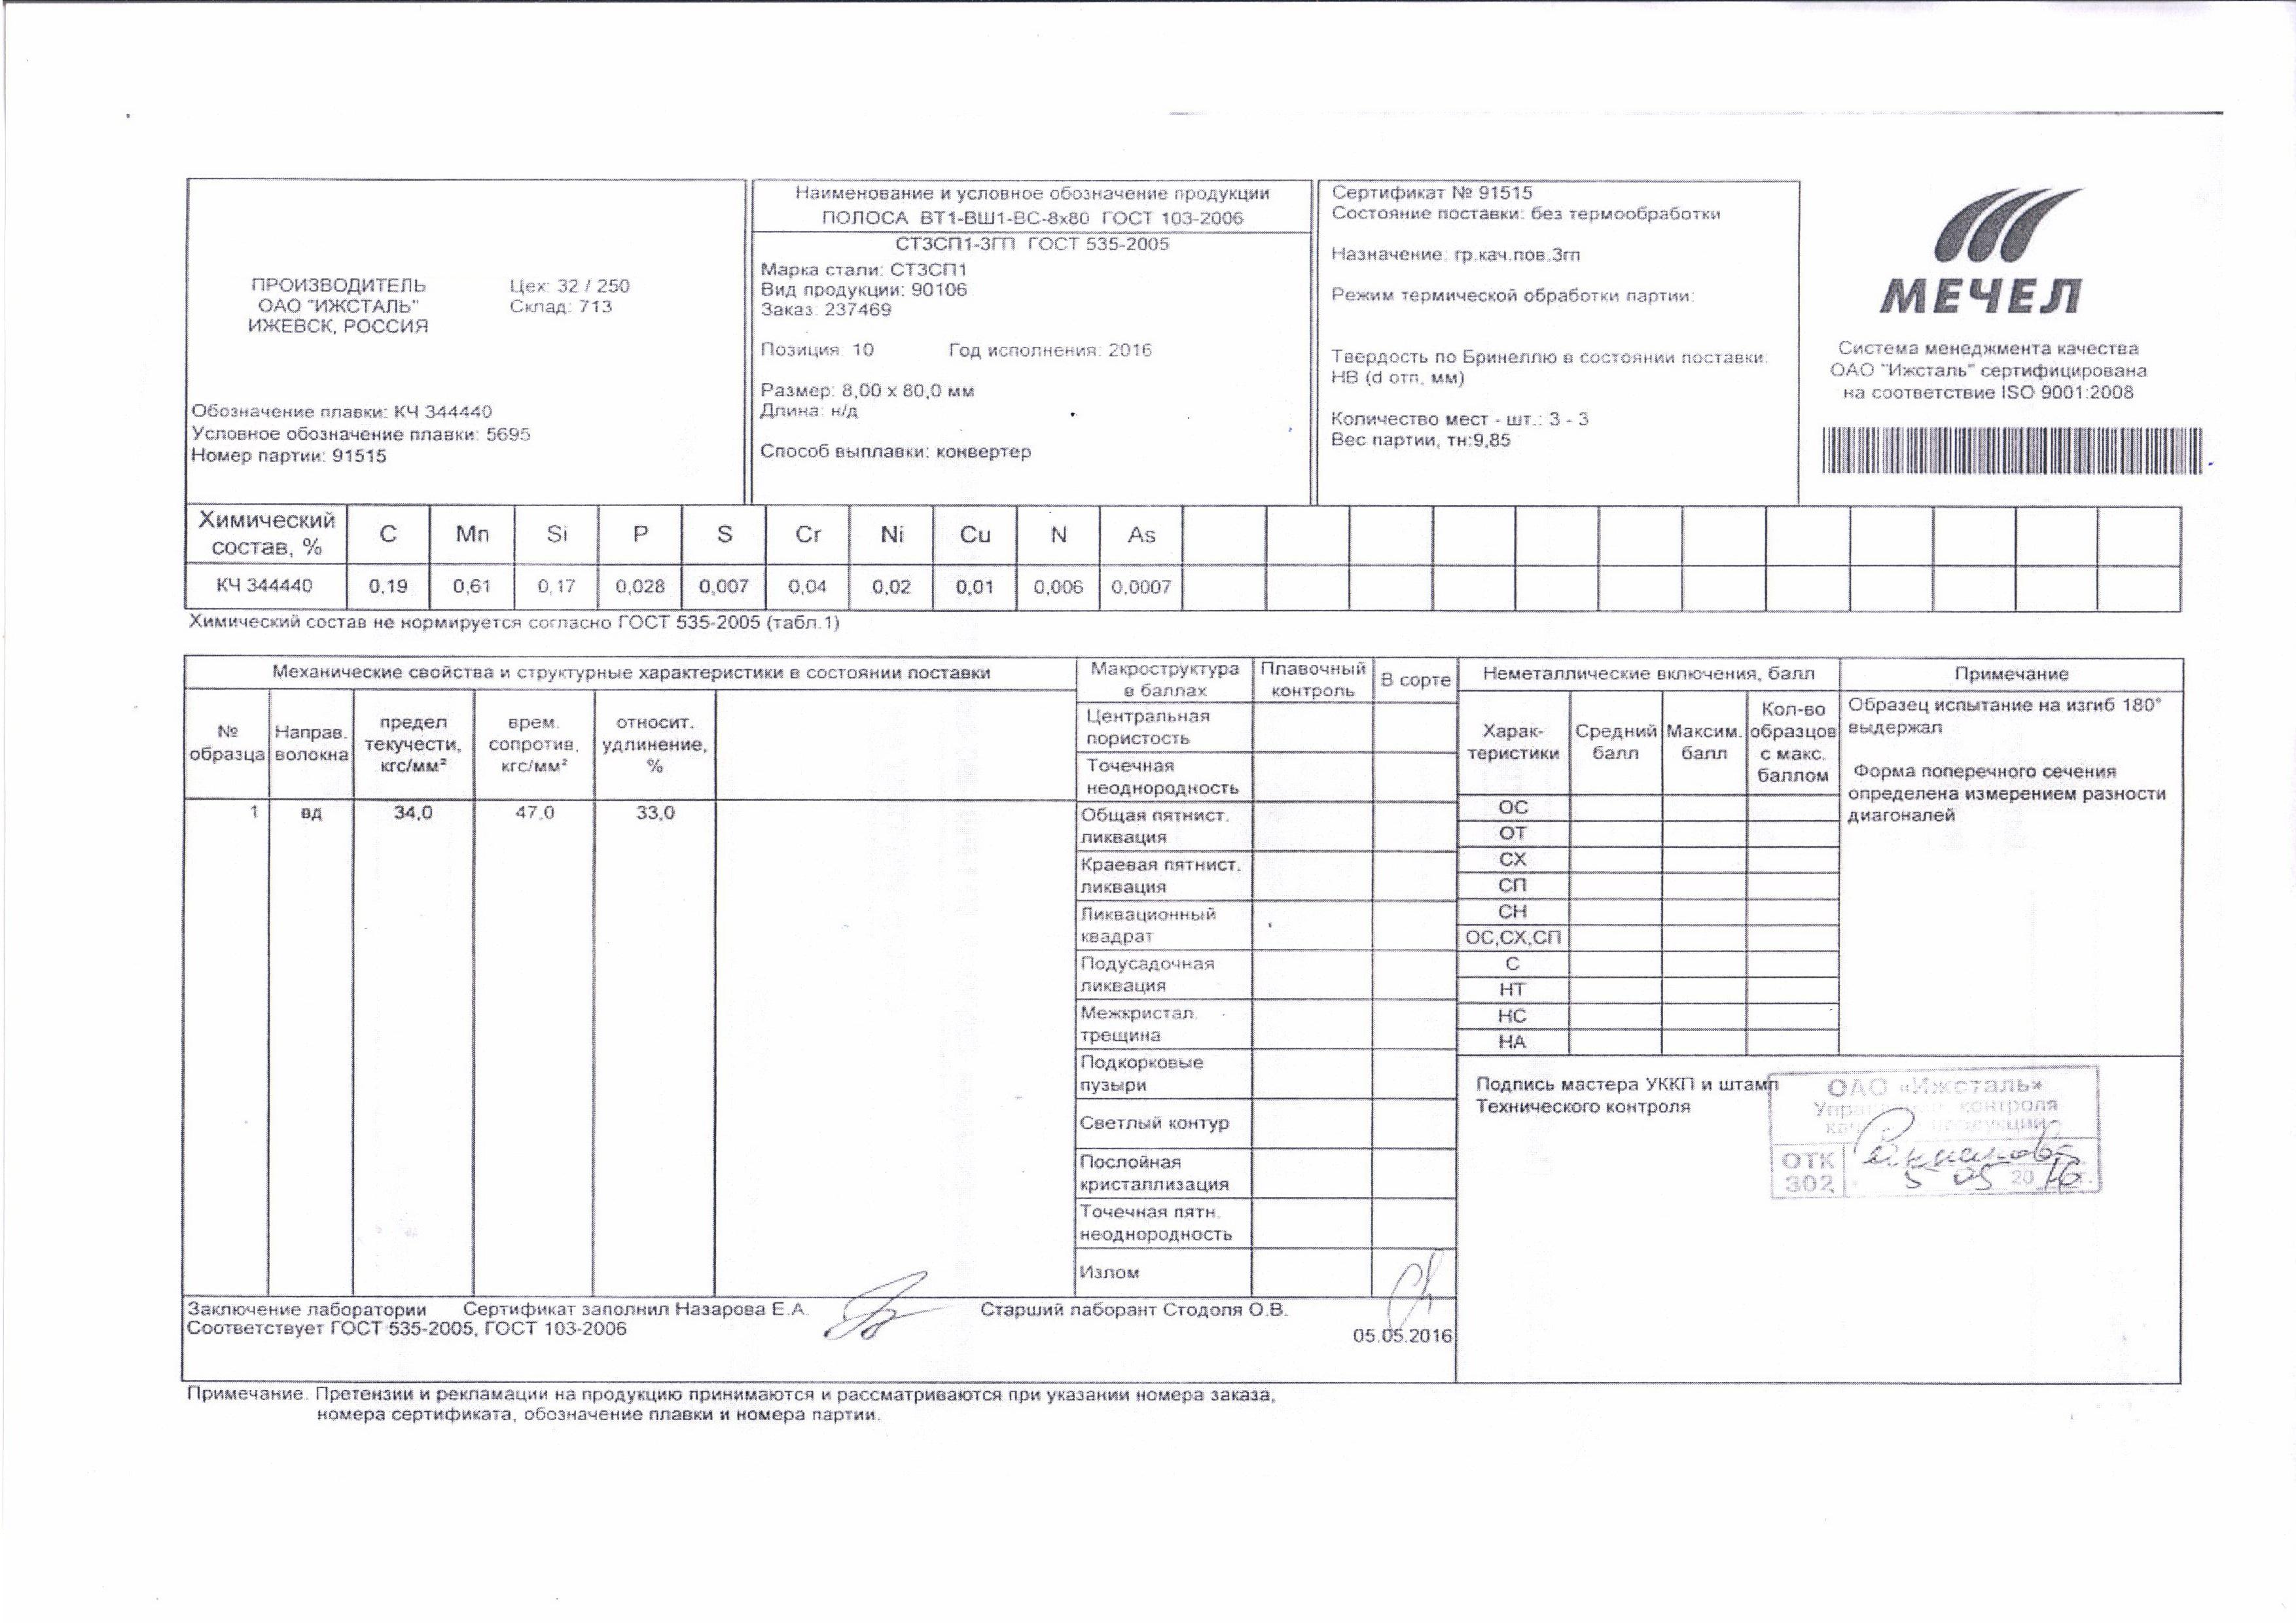 Полоса 4х40 гост 103-2006 сертификат добровольная сертификация экскурсионных услуг